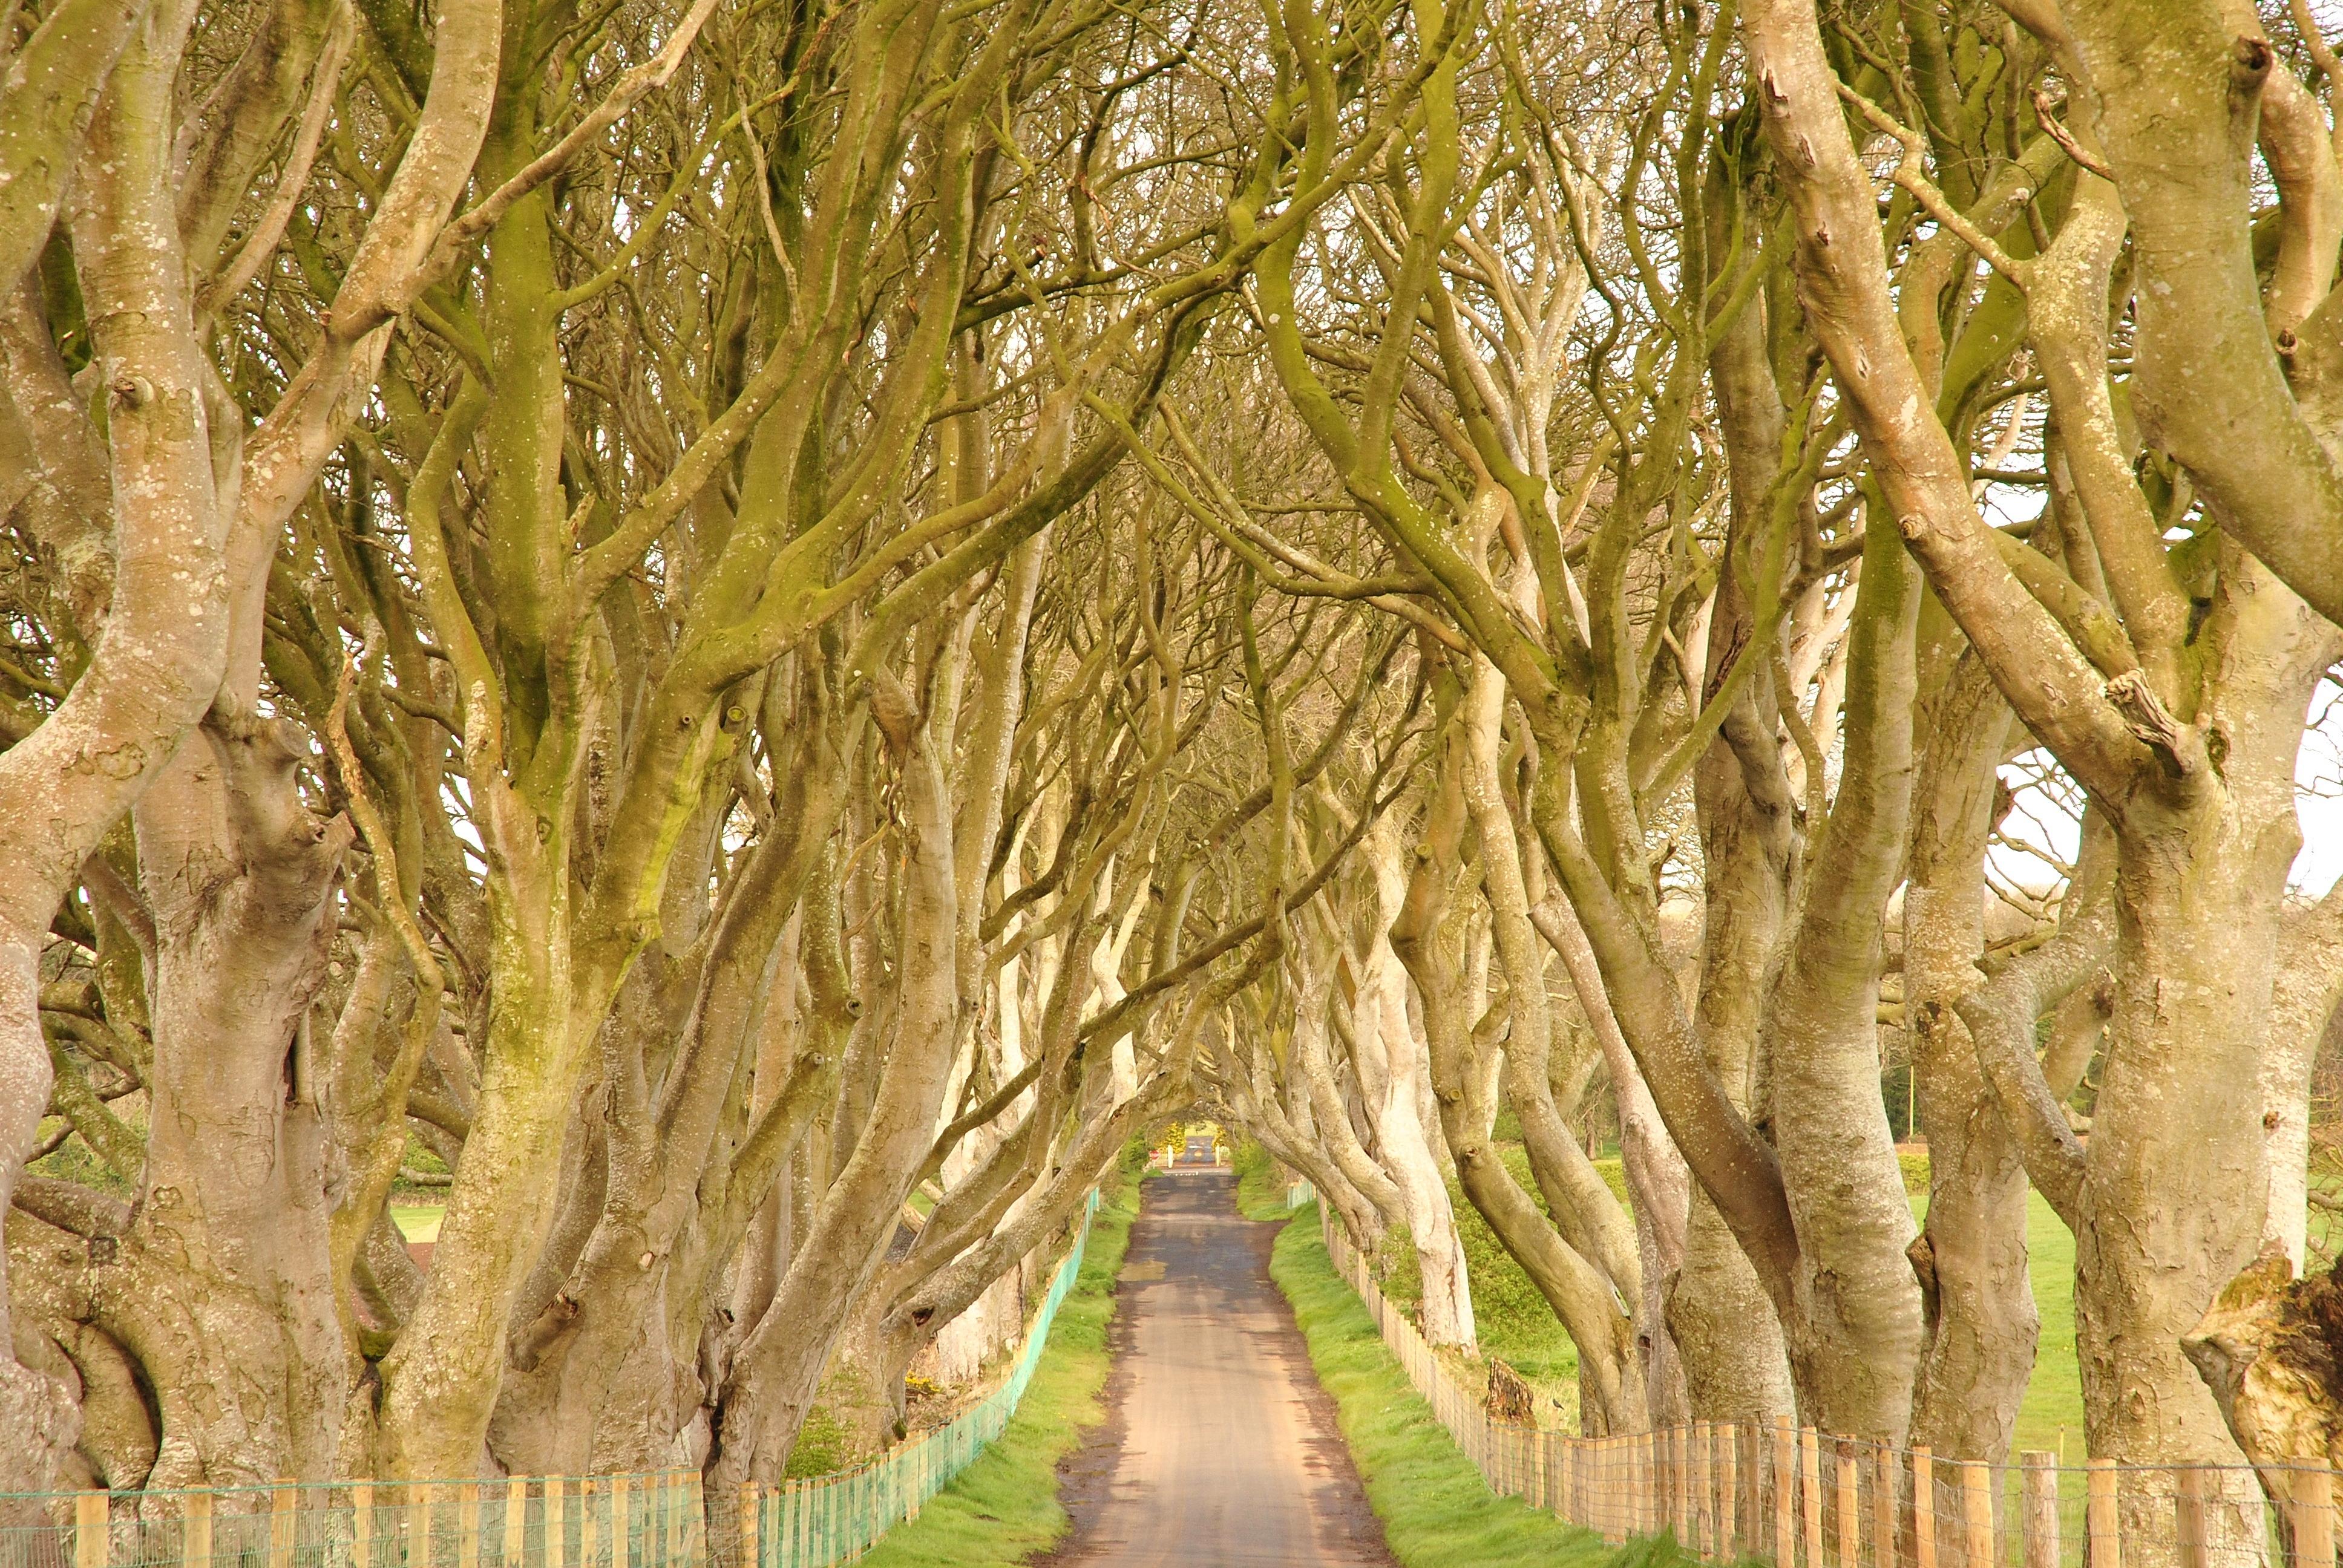 Dark_Hedges,_County_Antrim,_Northern_Ireland_(6961336542)_(2)